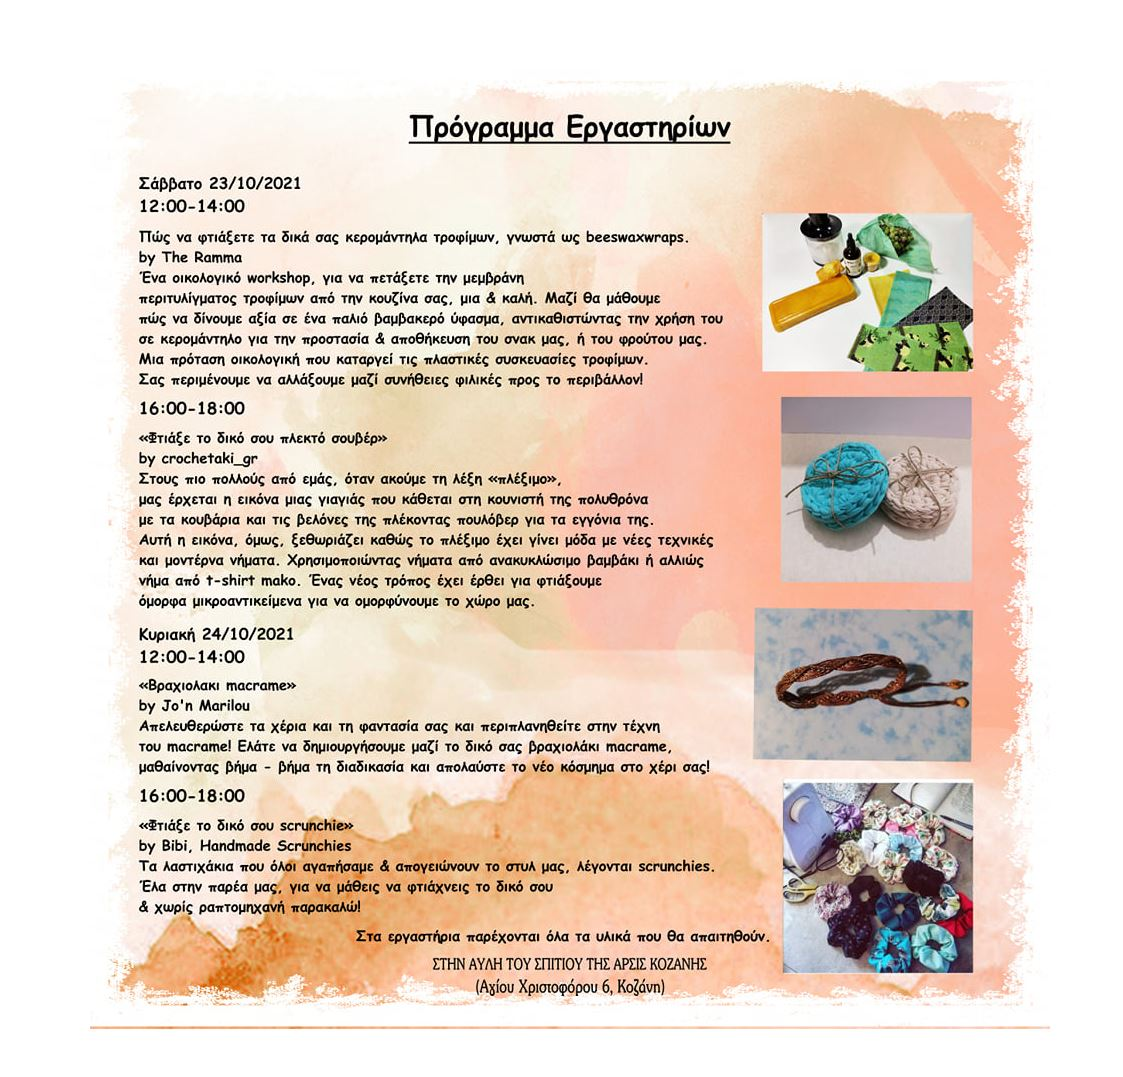 Δηλώσεις συμμετοχής στο εργαστήριο «Πώς να φτιάξετε τα δικά σας κερομάντηλα τροφίμων (beeswaxwraps)» του Arts & Crafts Festival Vo1